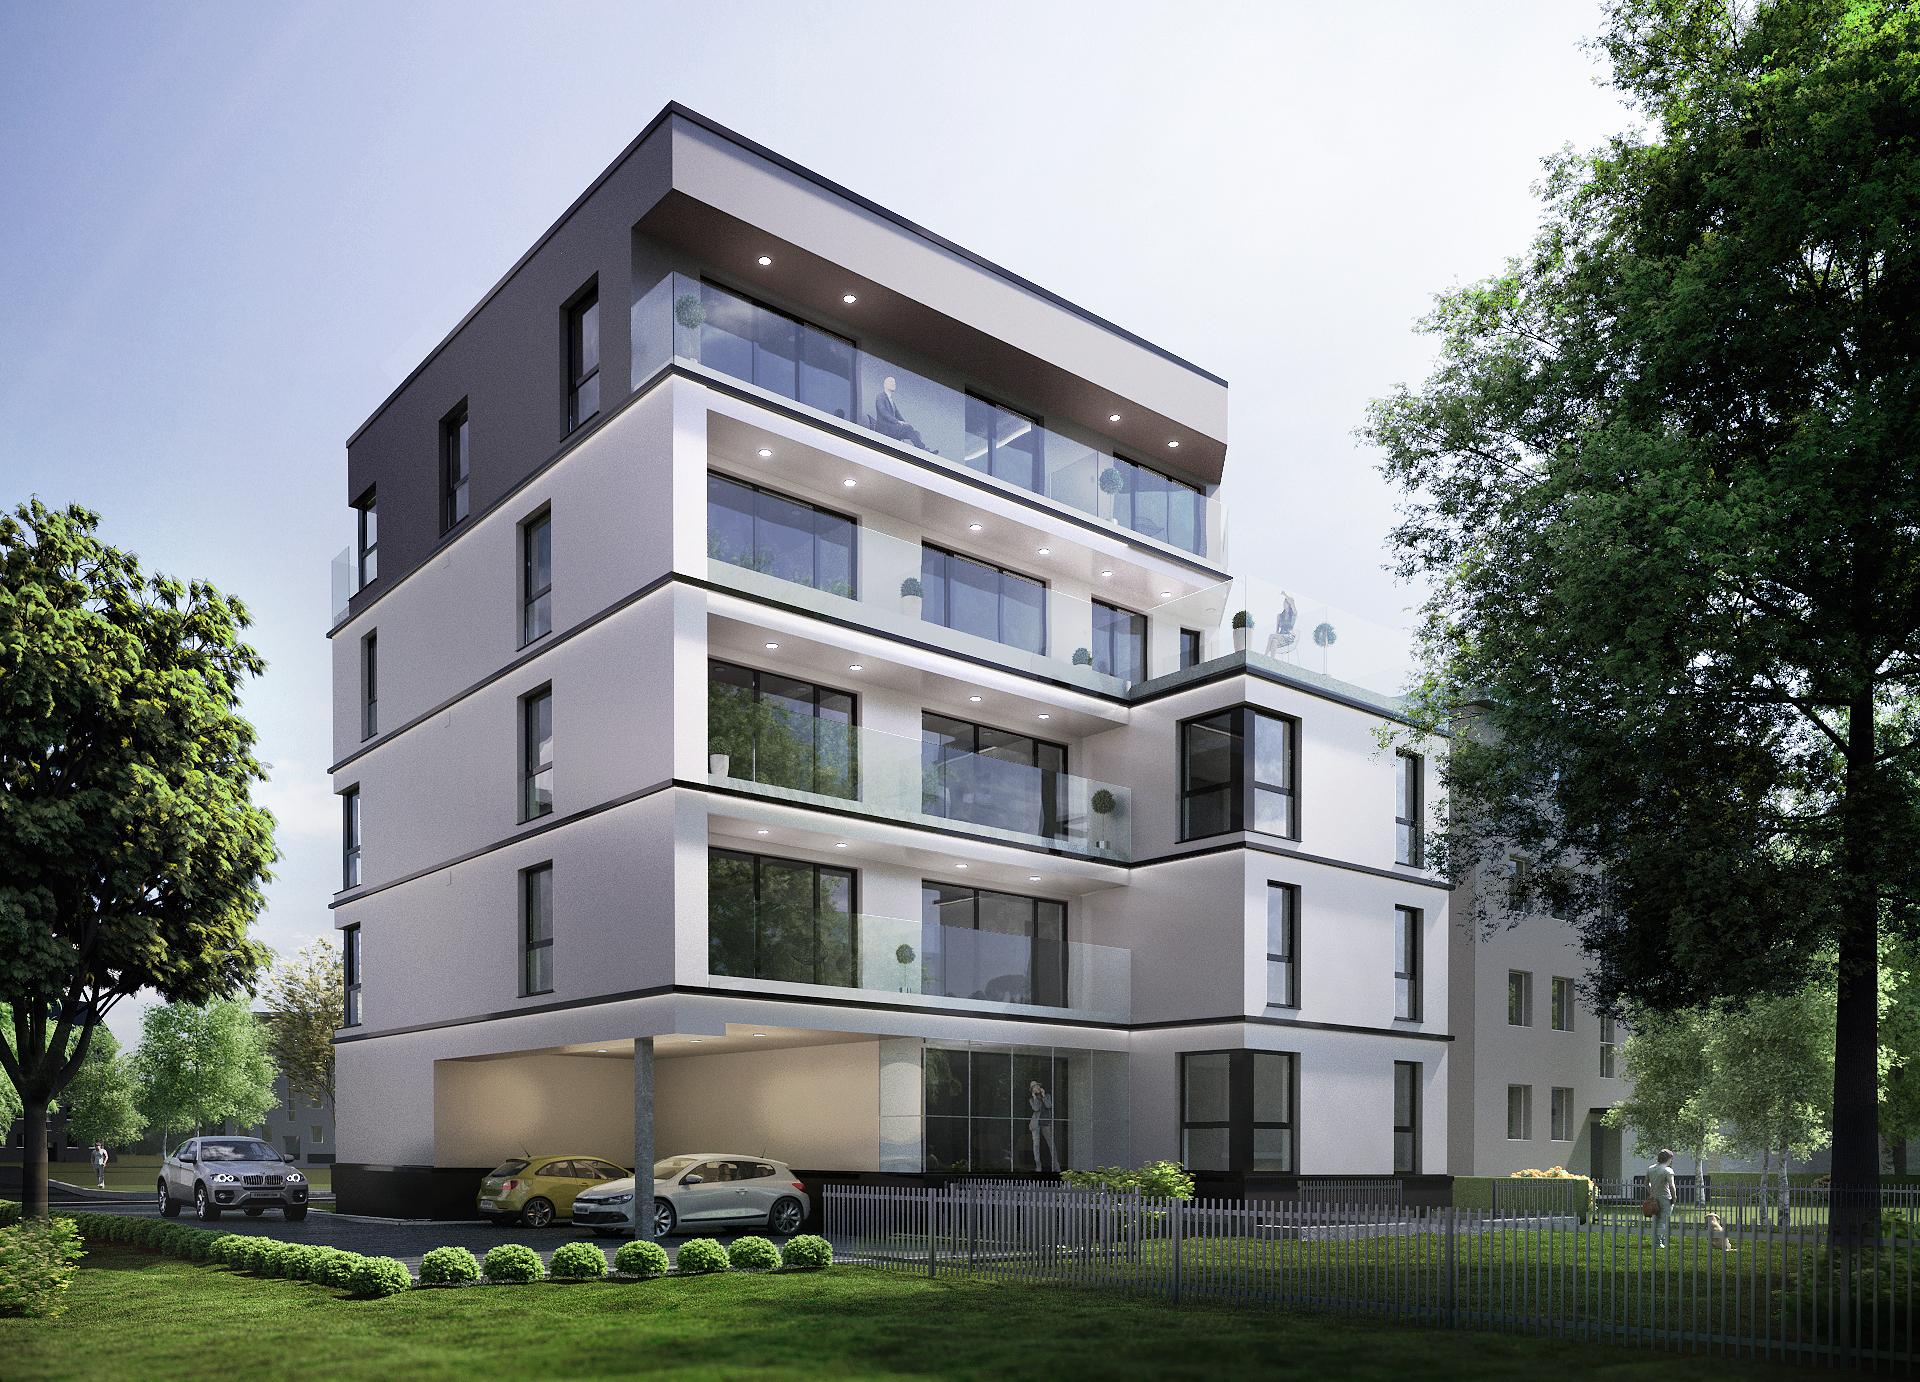 arhitektuurne 3d pilt hoone visualiseerimine 74